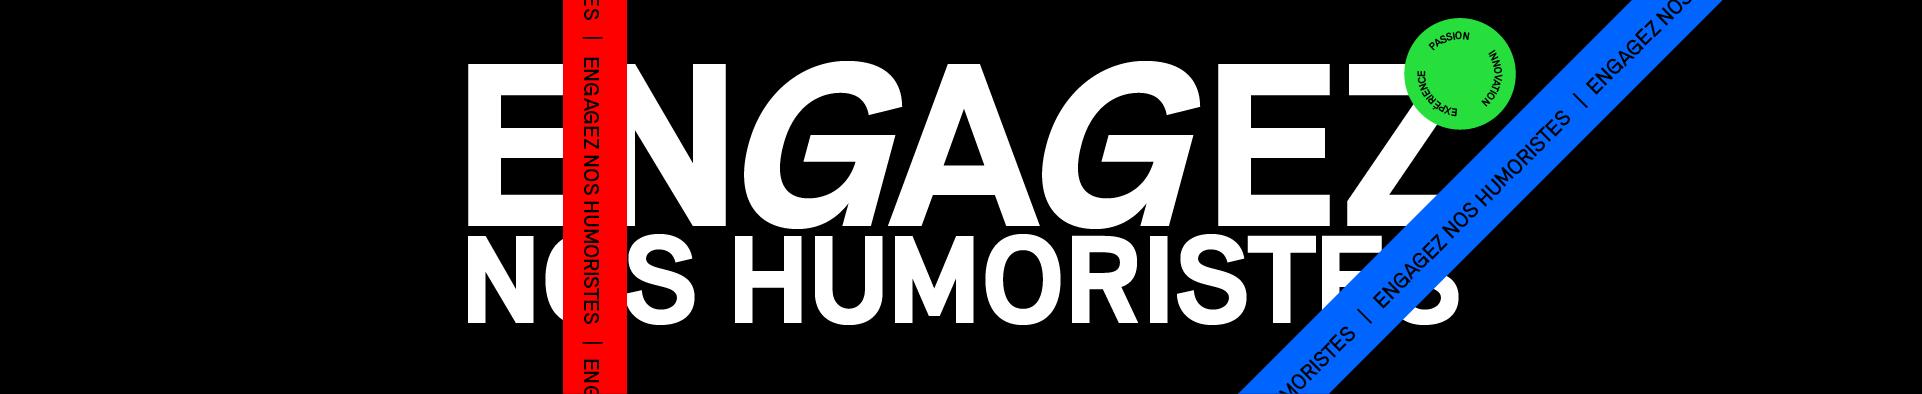 Engagez nos humoristes